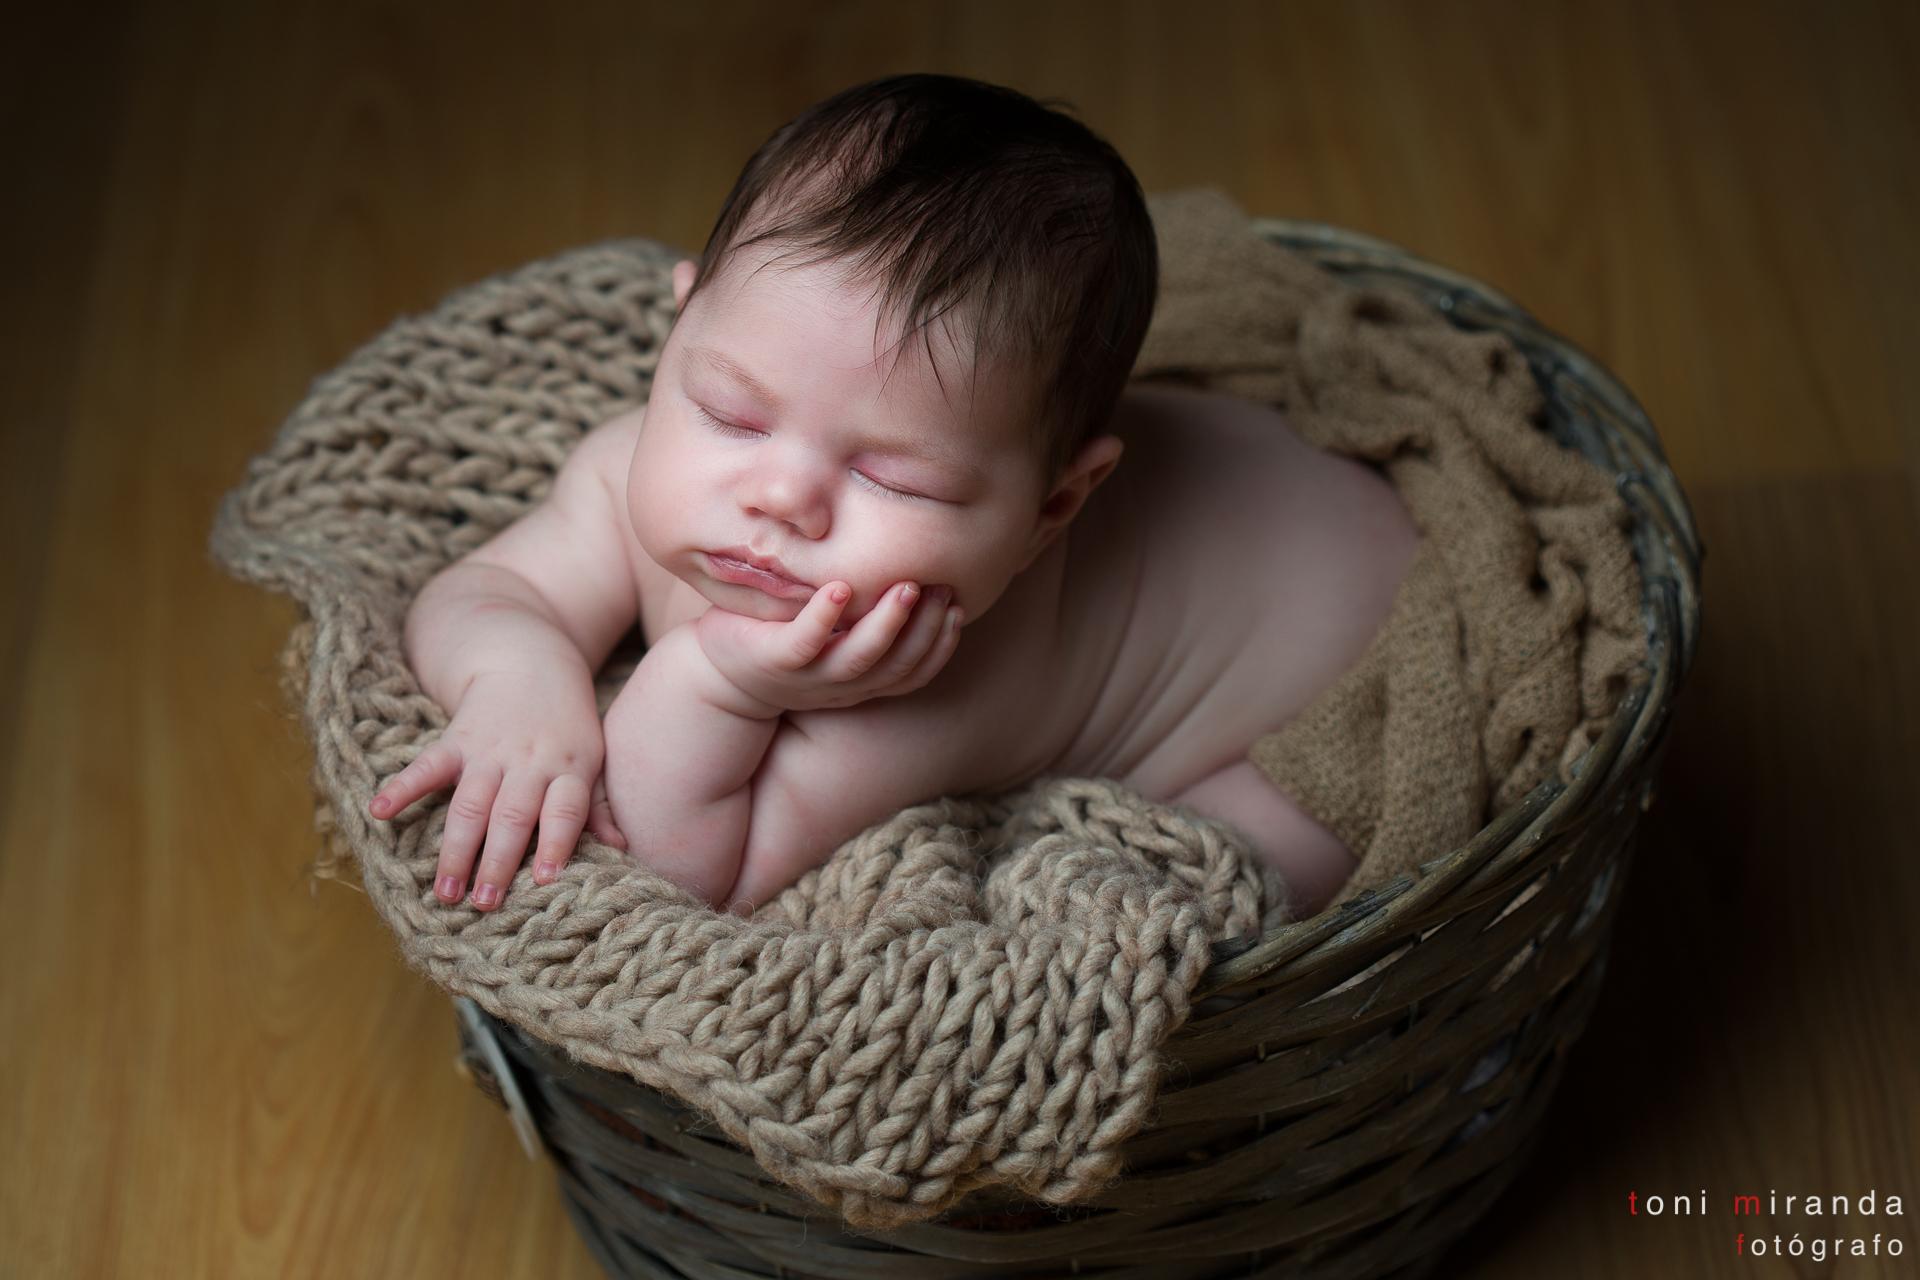 bebe durmiendo apoyado con una mano